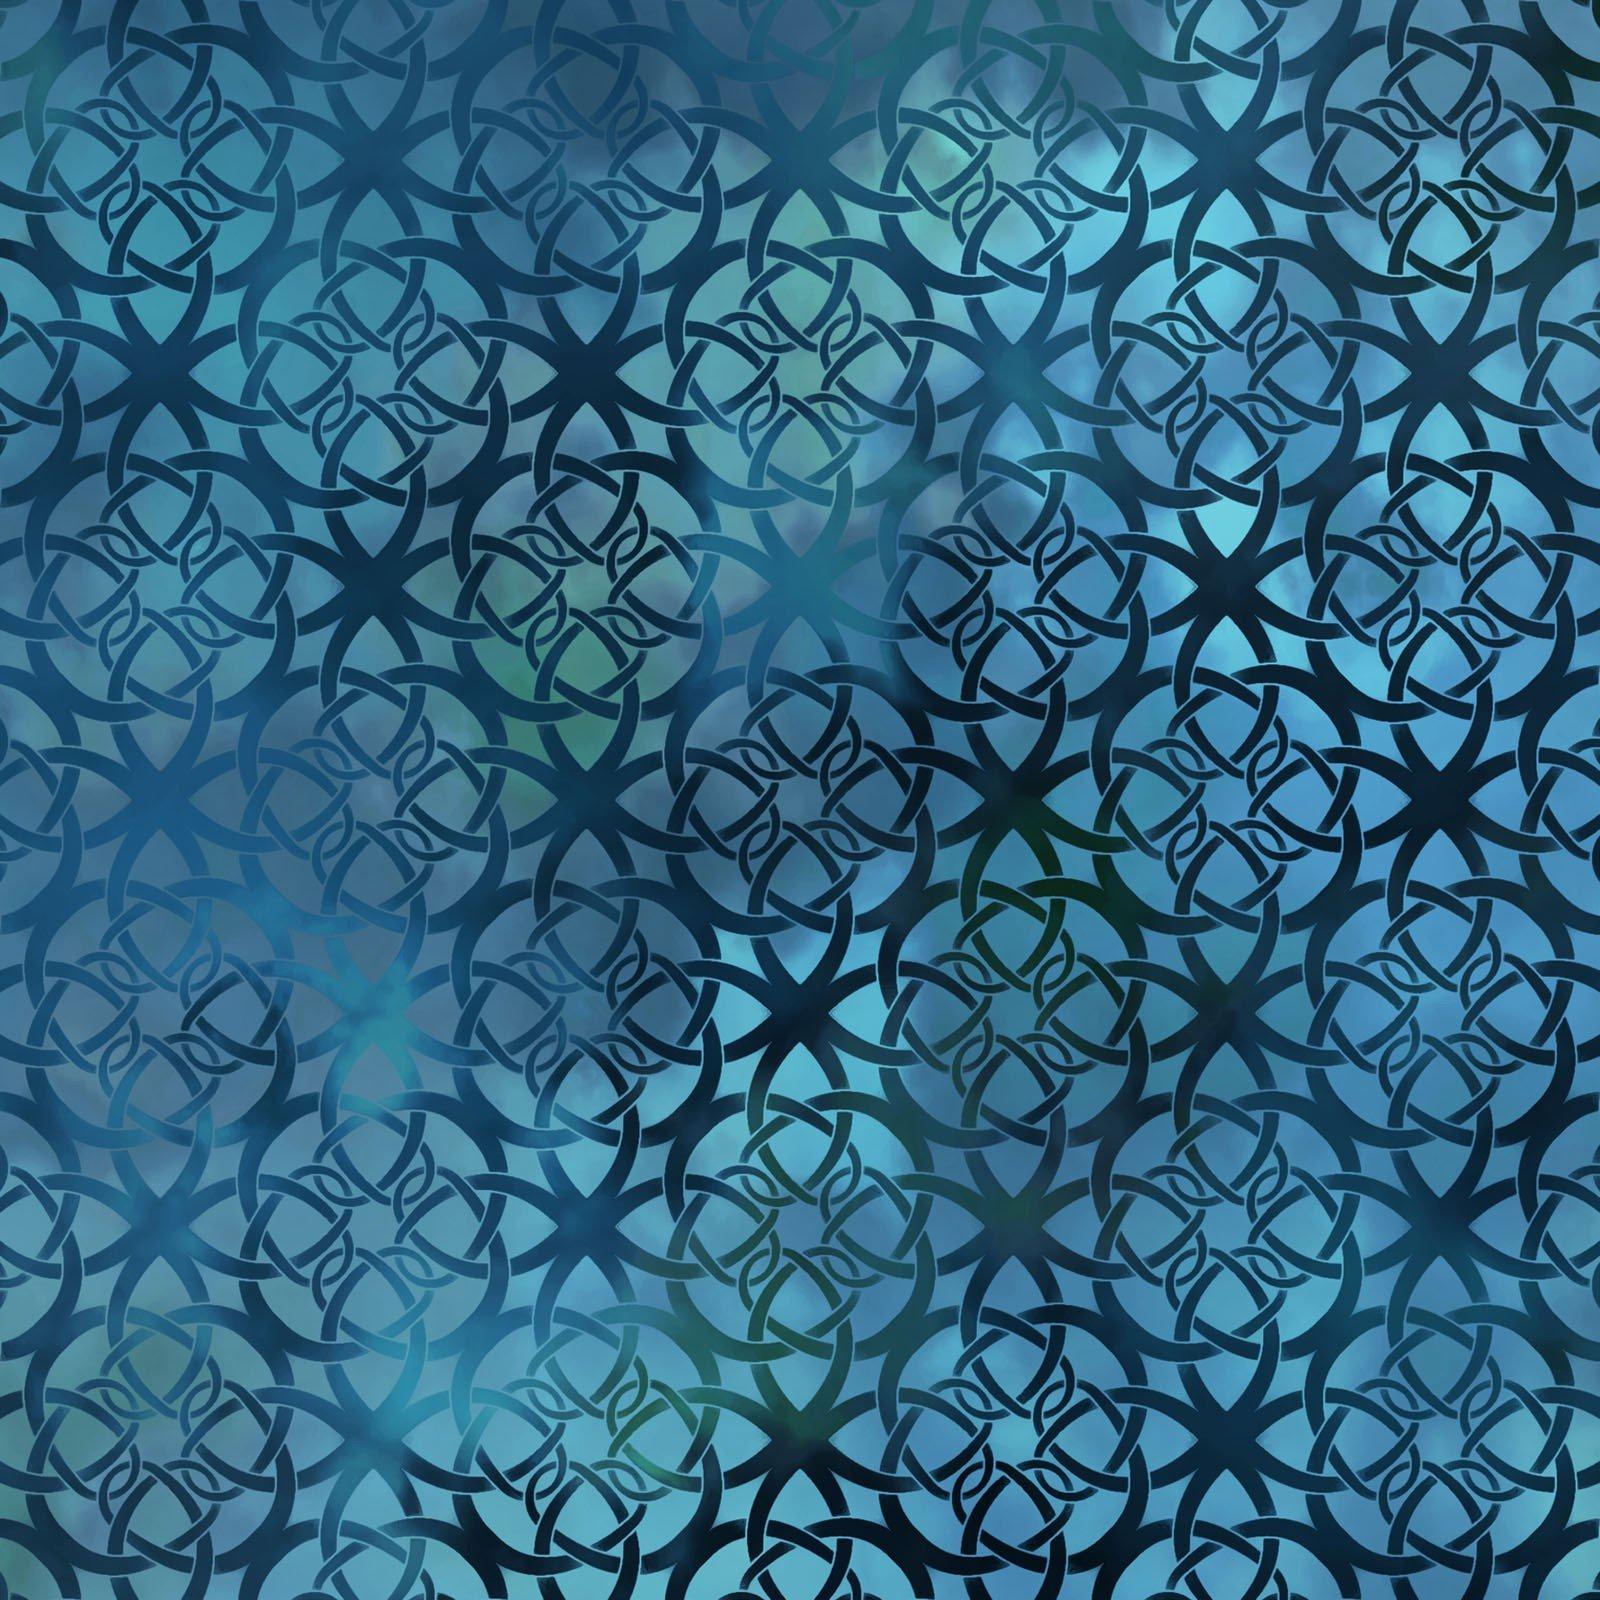 Diaphanous 7ENC-3 Turquoise Trellis